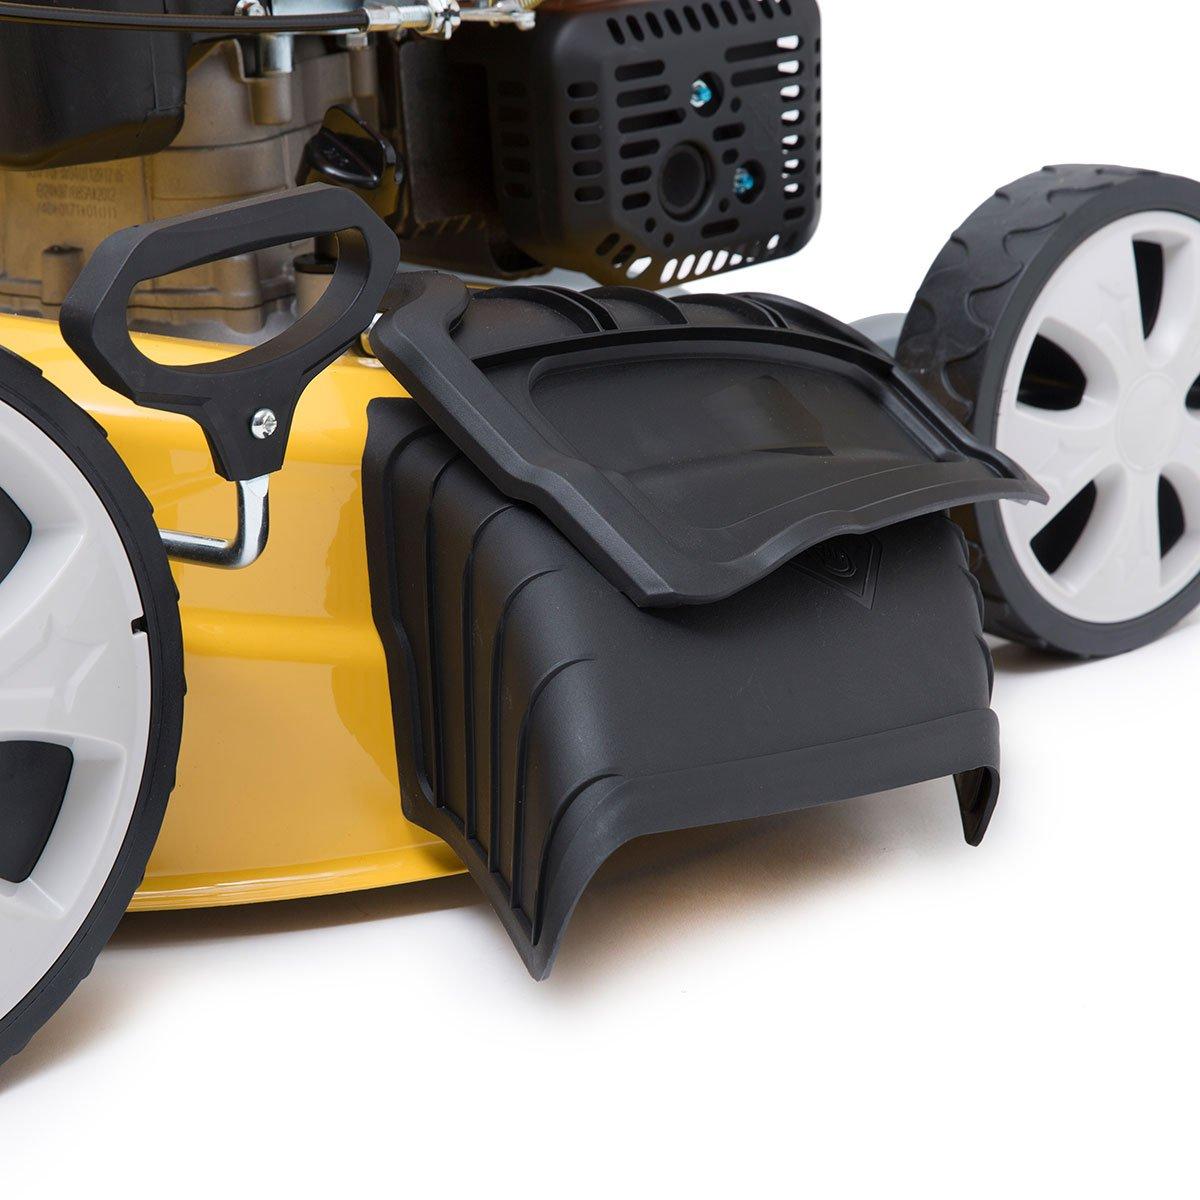 Cortacésped autopropulsado Sprinter de la marca BMC de 530 mm, 5 ...